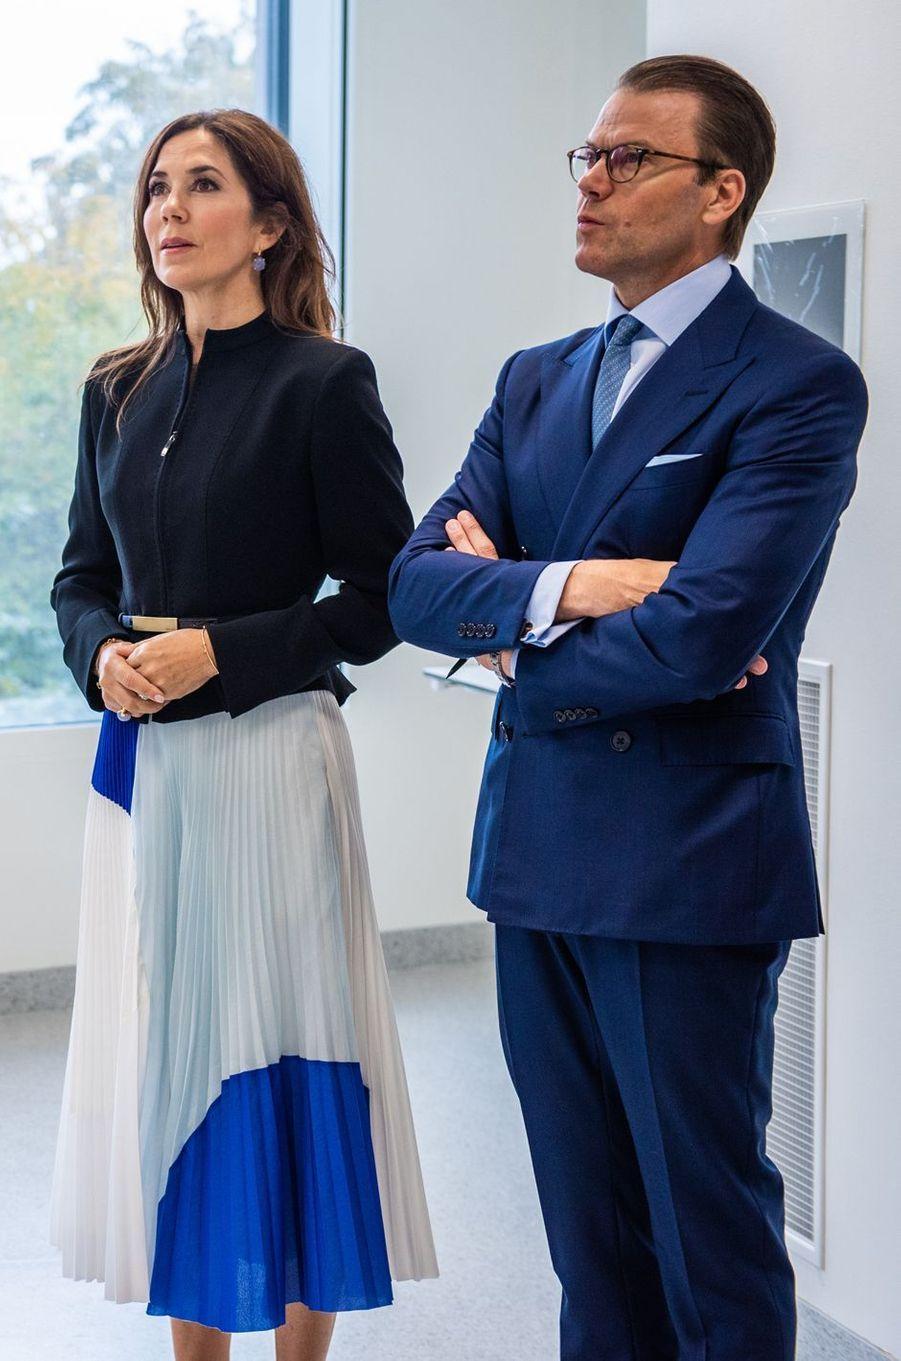 La princesse Mary de Danemark à Copenhague, le 18 septembre 2019